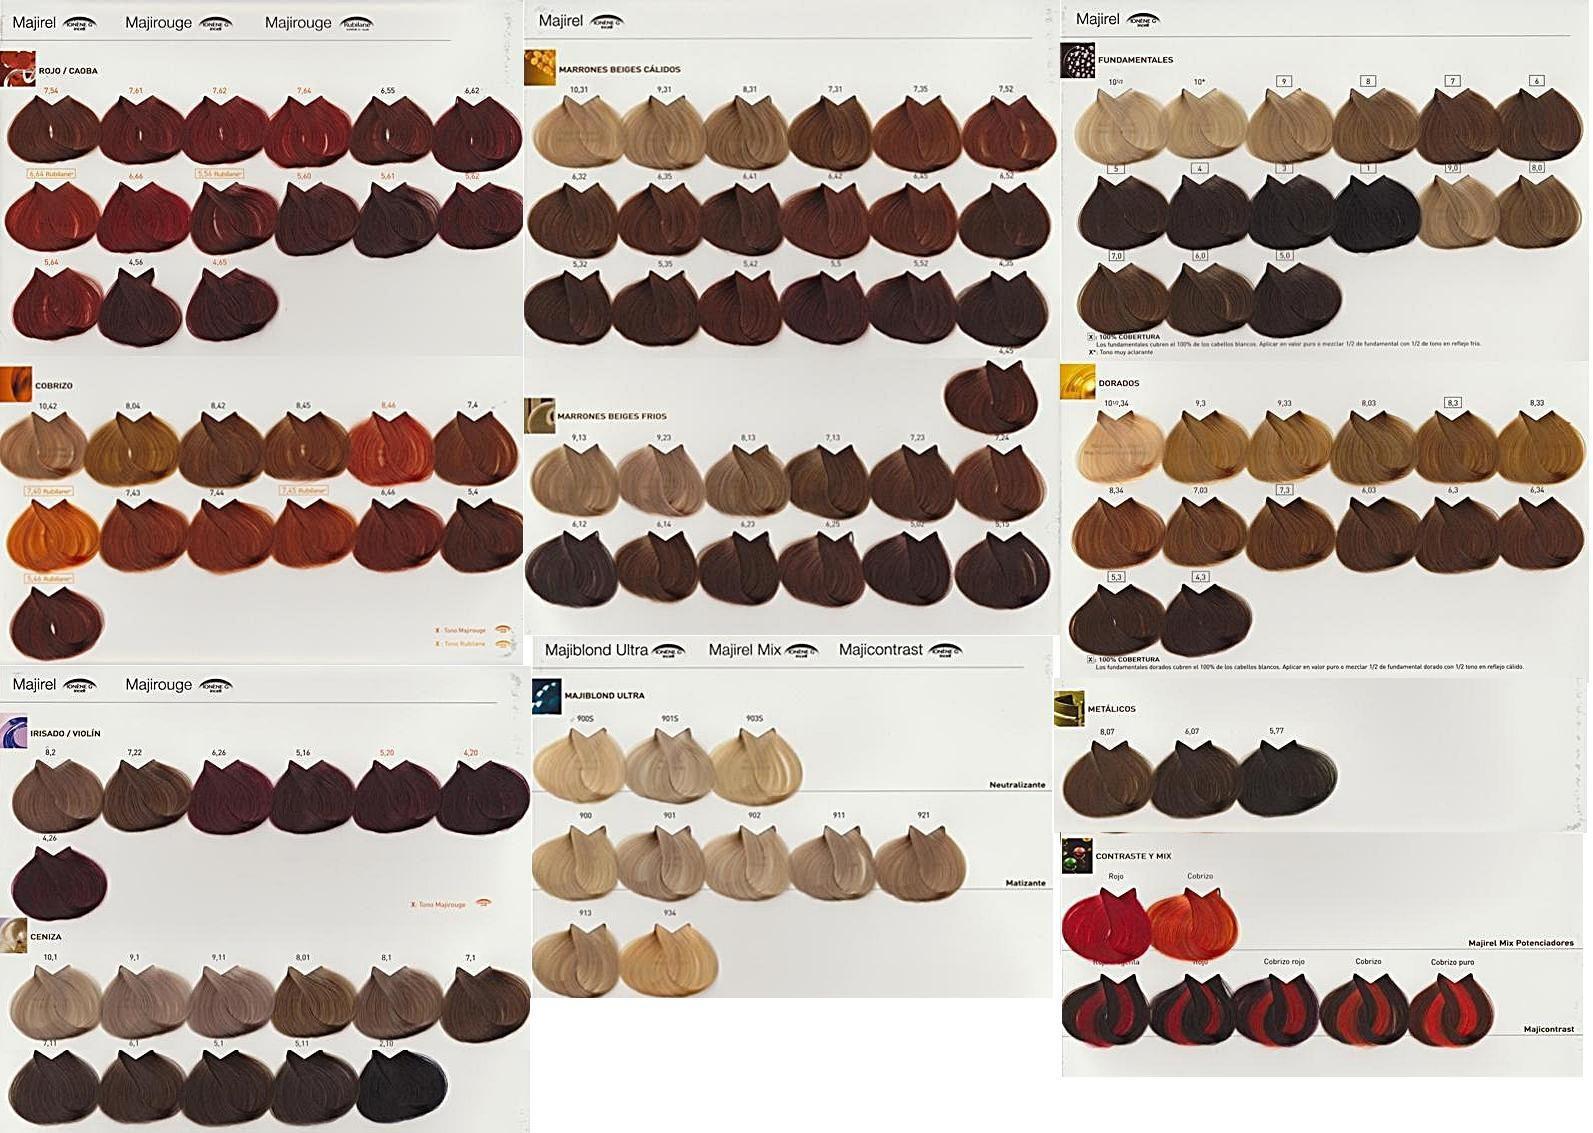 Inoa color 7 | nanq | Pinterest | Colors, Color charts and Charts